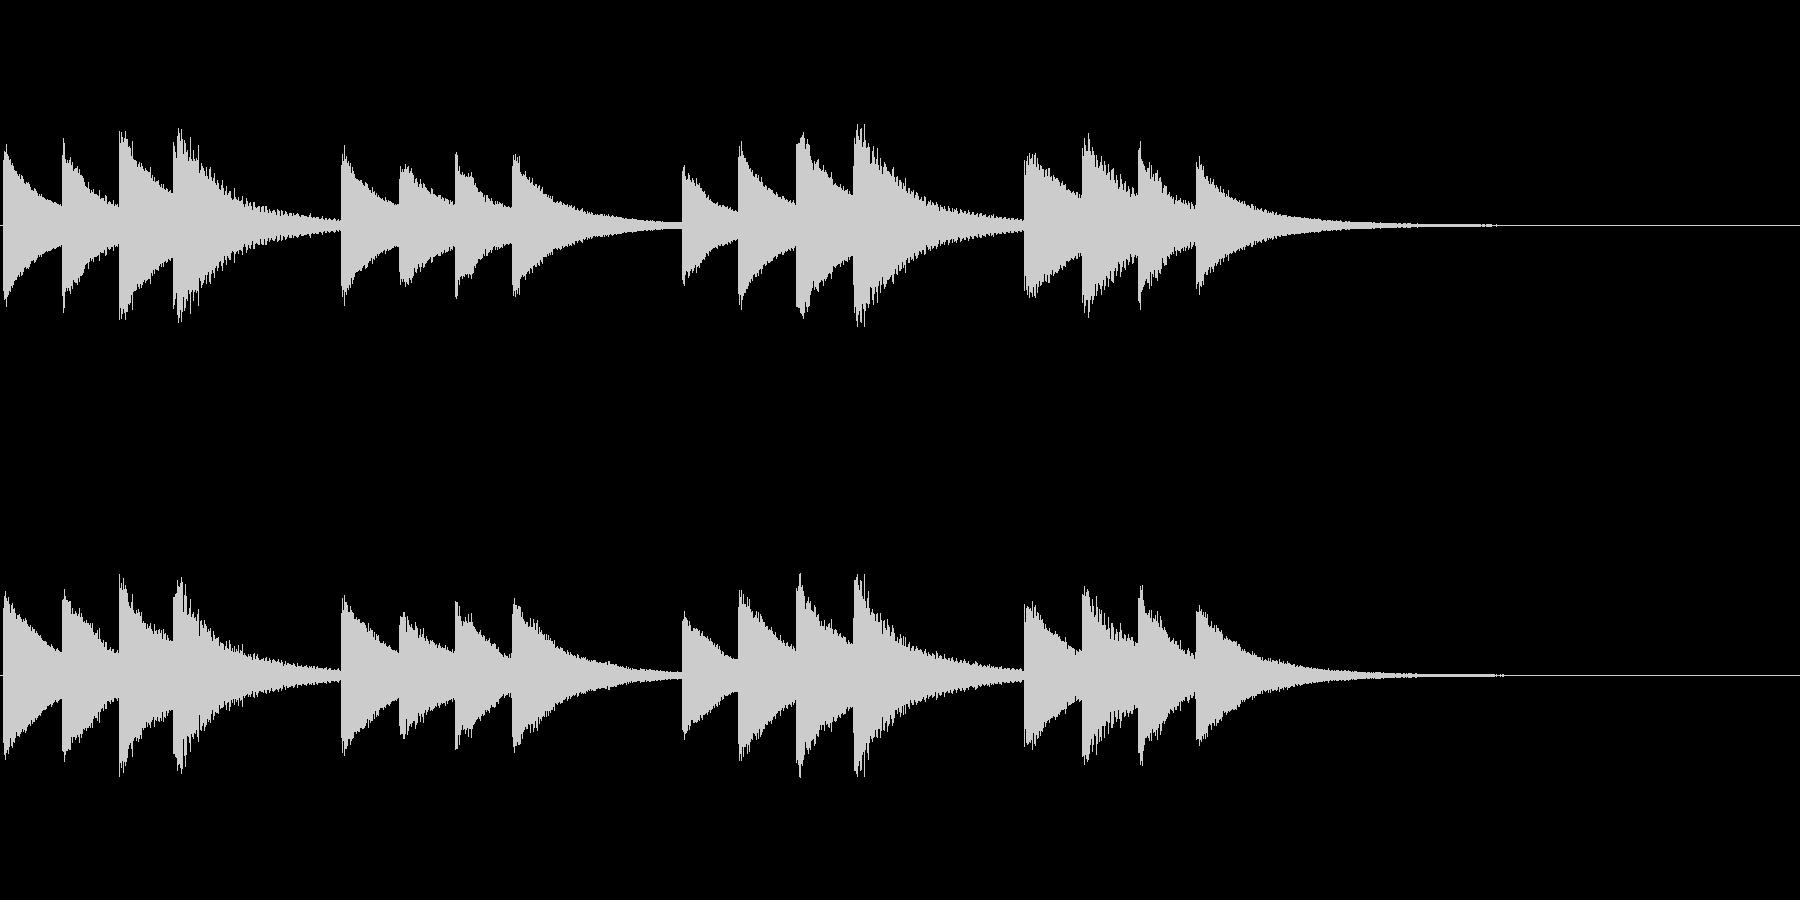 始業・終業 学校のチャイム01の未再生の波形